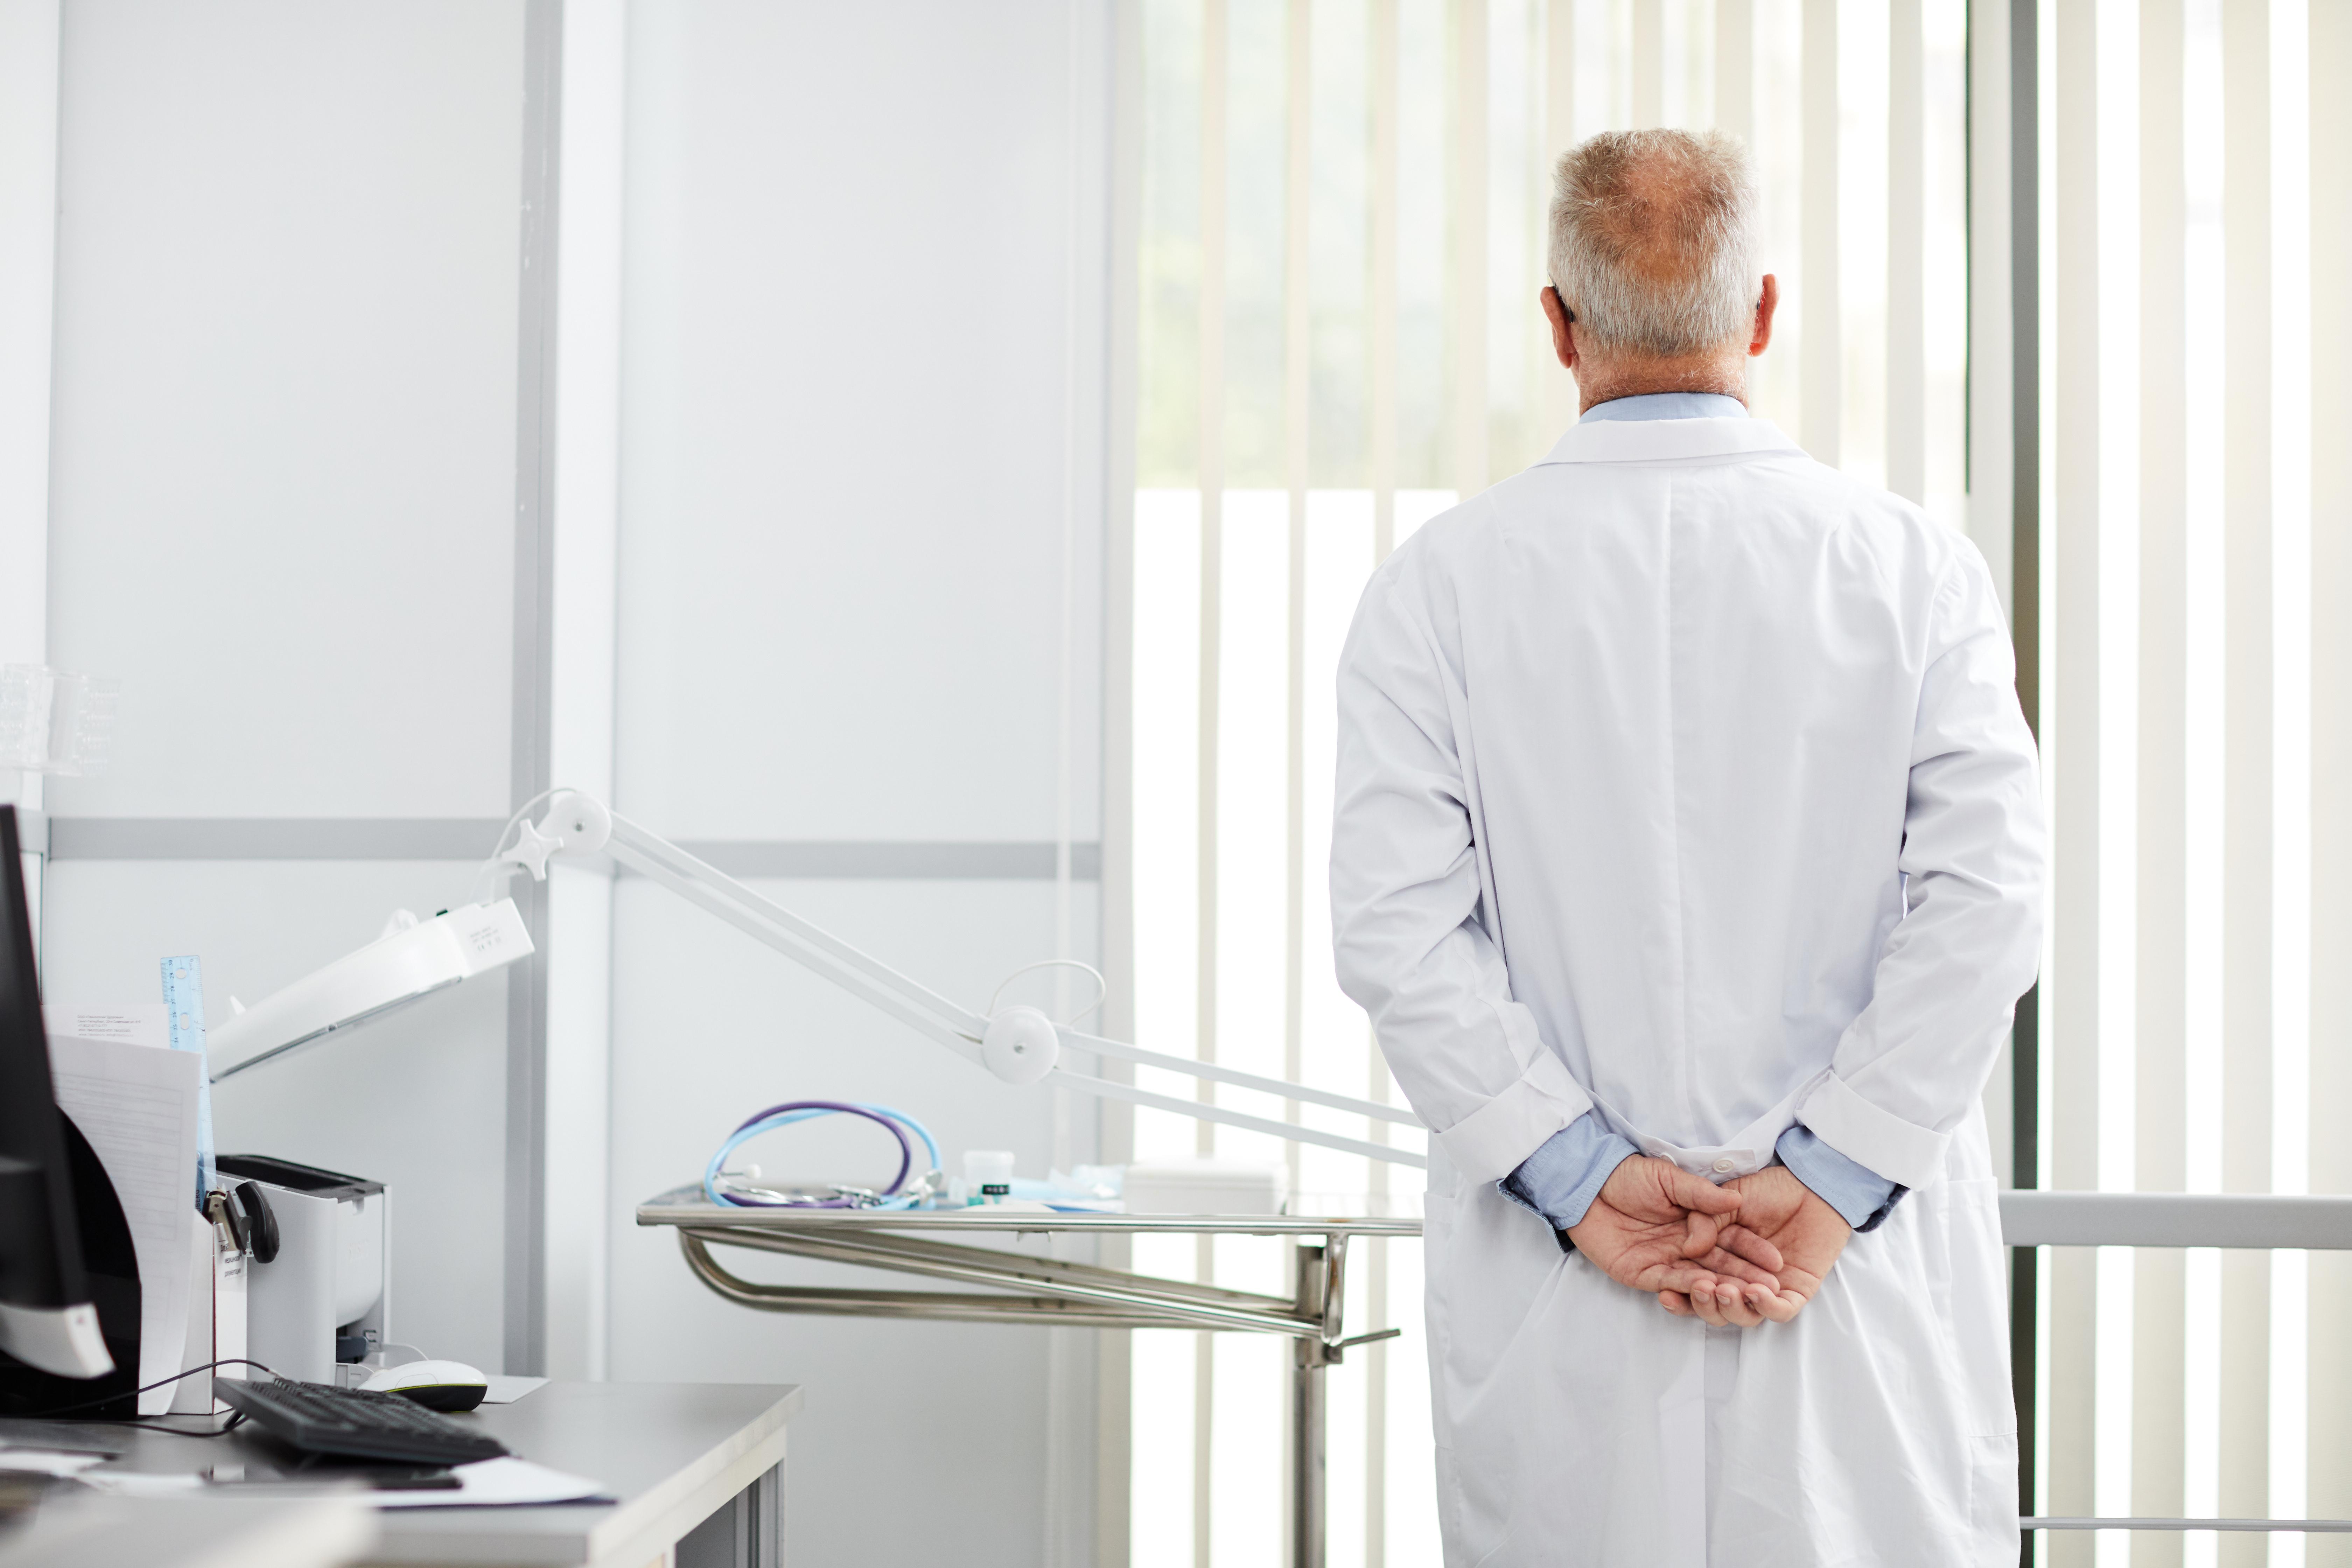 médecin pensif